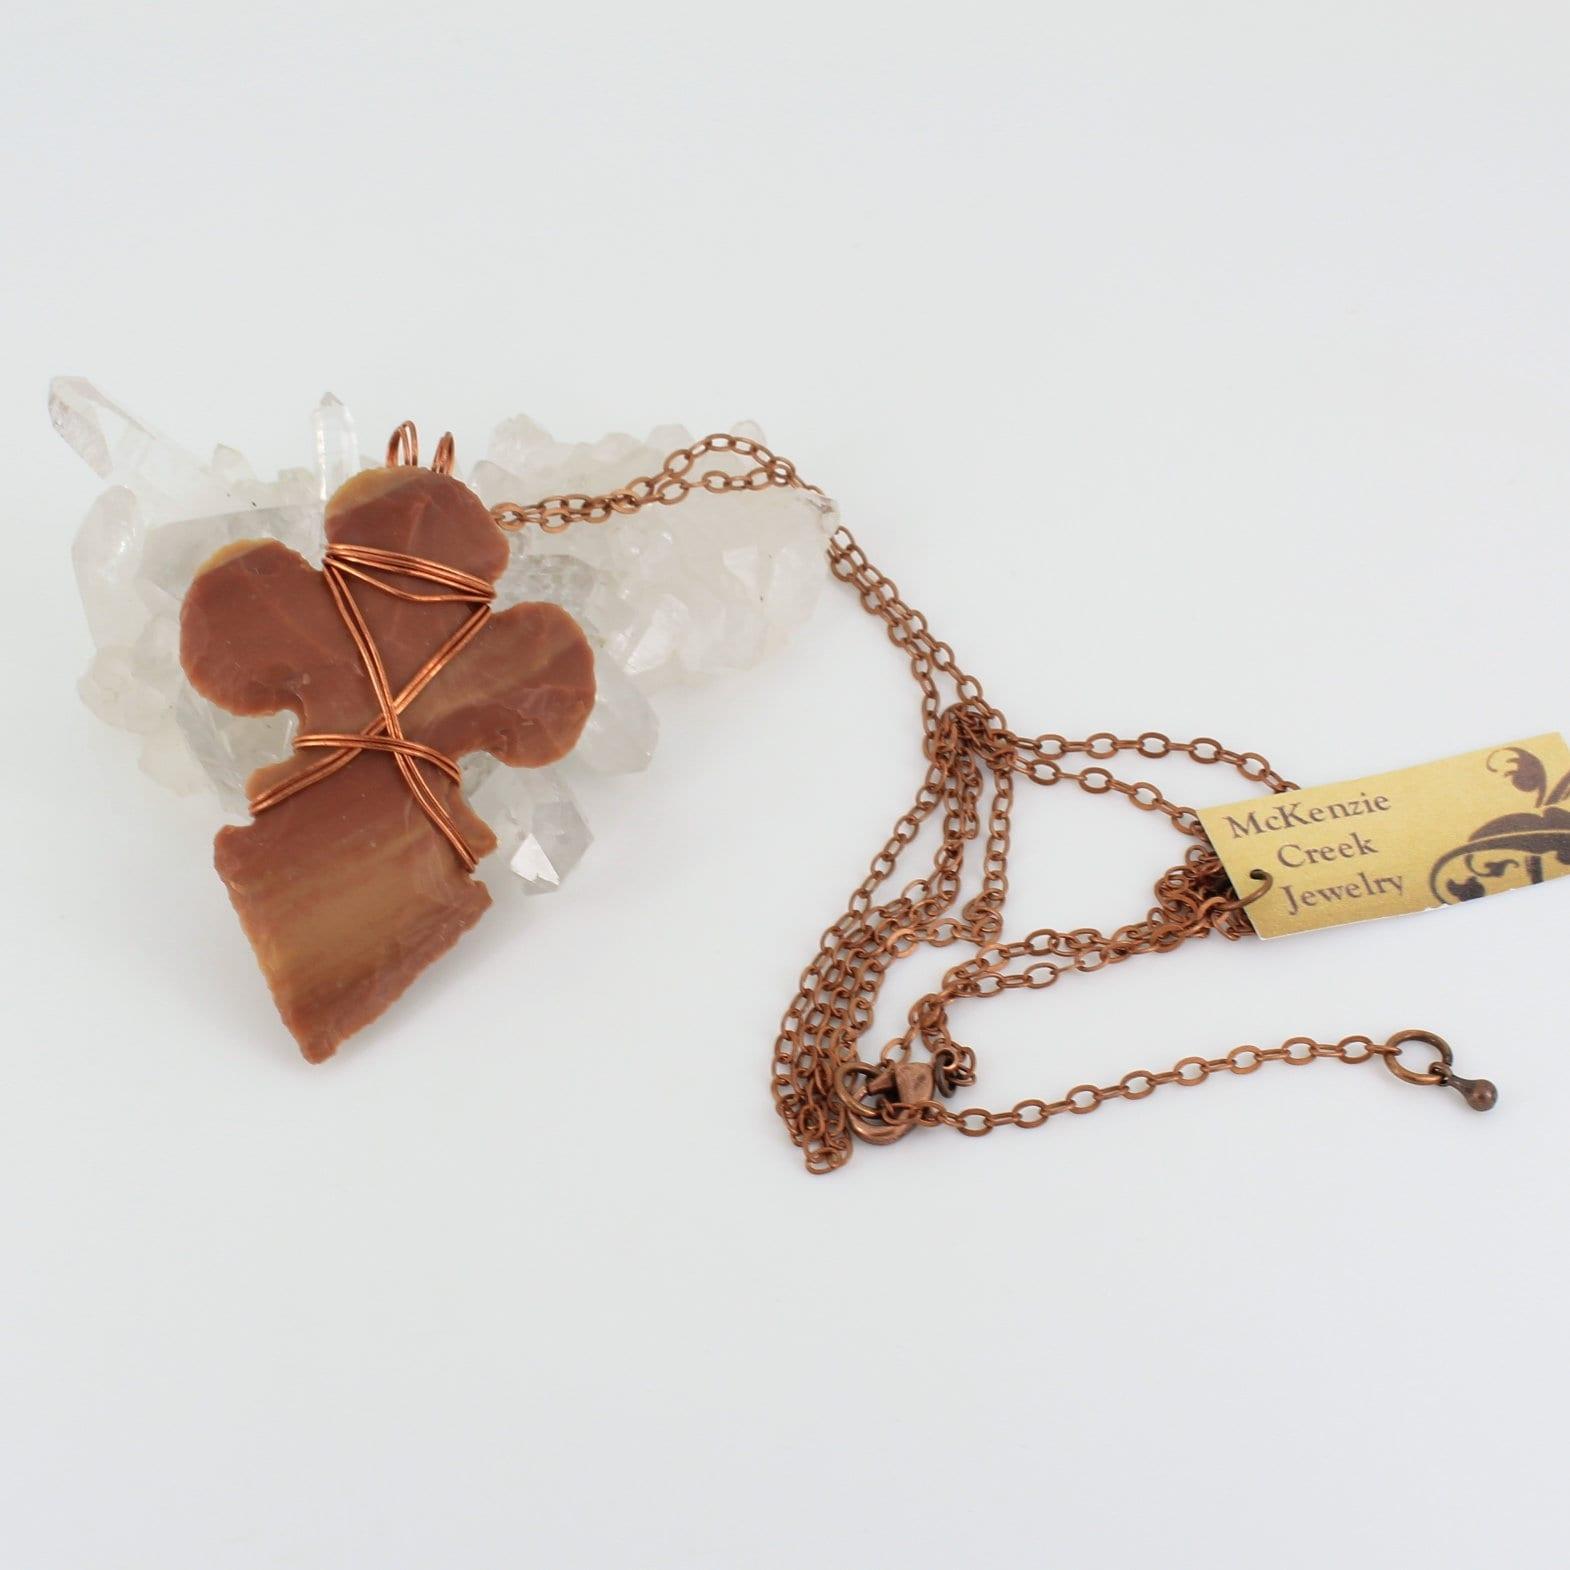 Fleur-de-Lis Arrowhead Necklace with Copper Wirewrap - product images  of